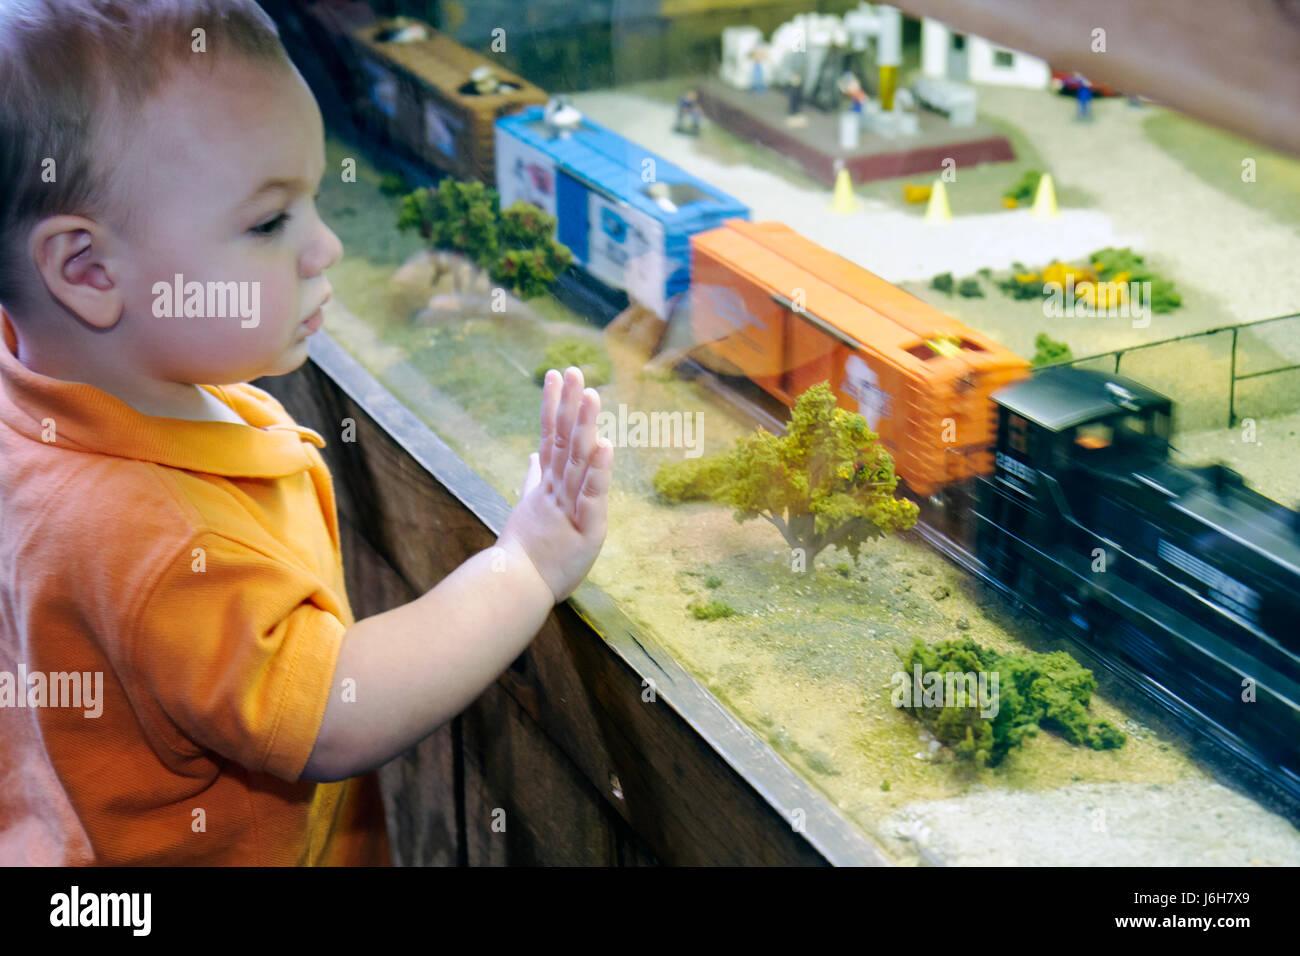 Virginia Roanoke Virginia Museo dei Trasporti o manometro modello di treno presentano Layout boy in miniatura orologi Immagini Stock